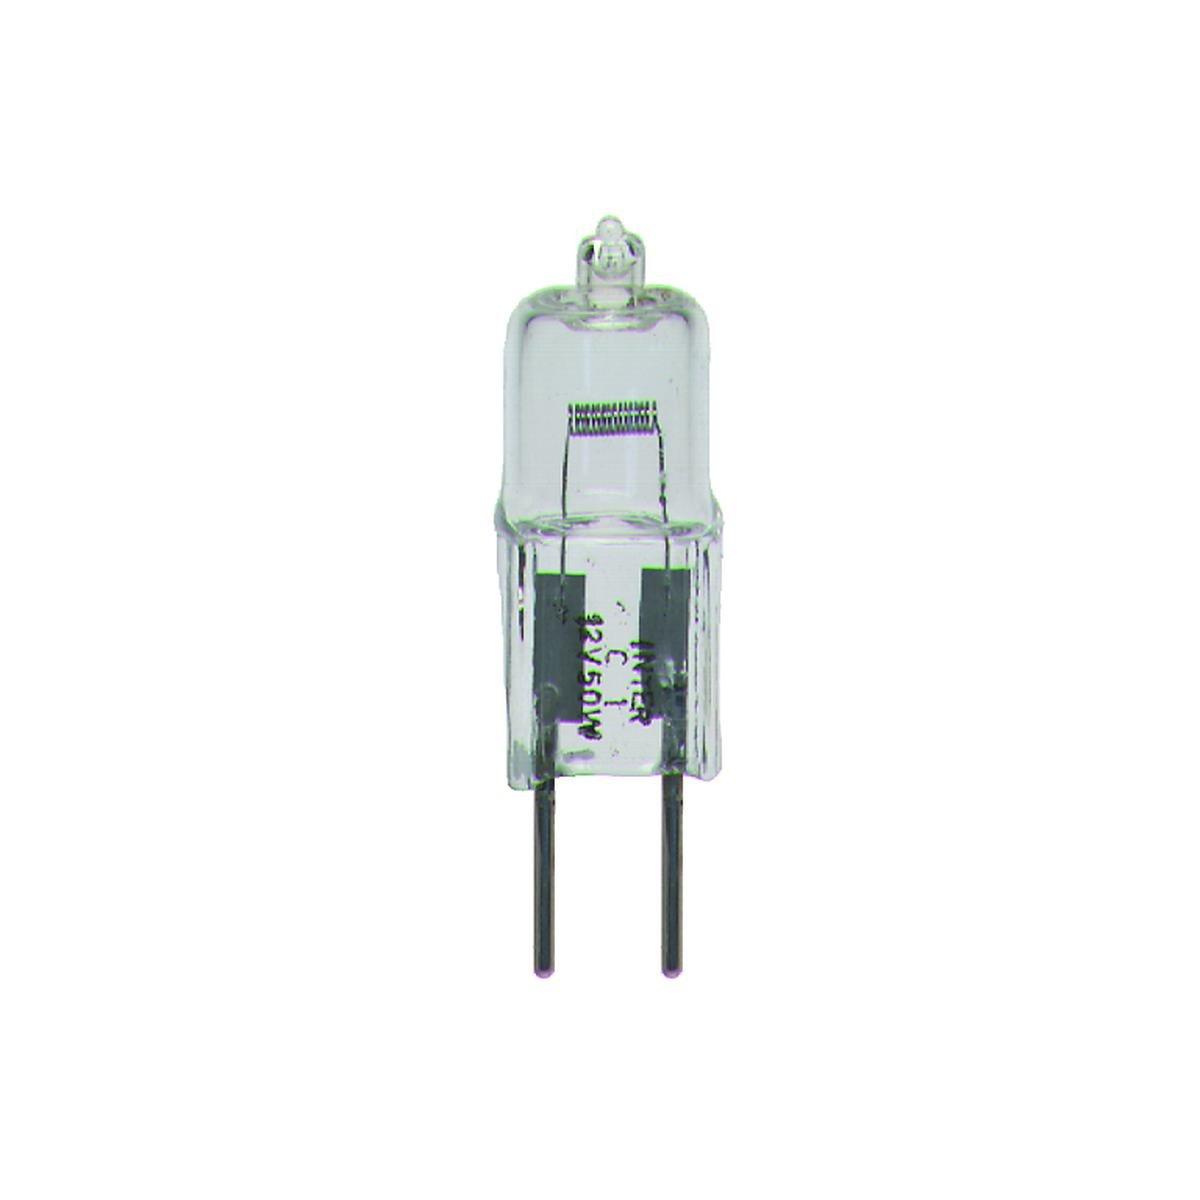 Halogenlampa 12V 20W G4 värmetålig 300°